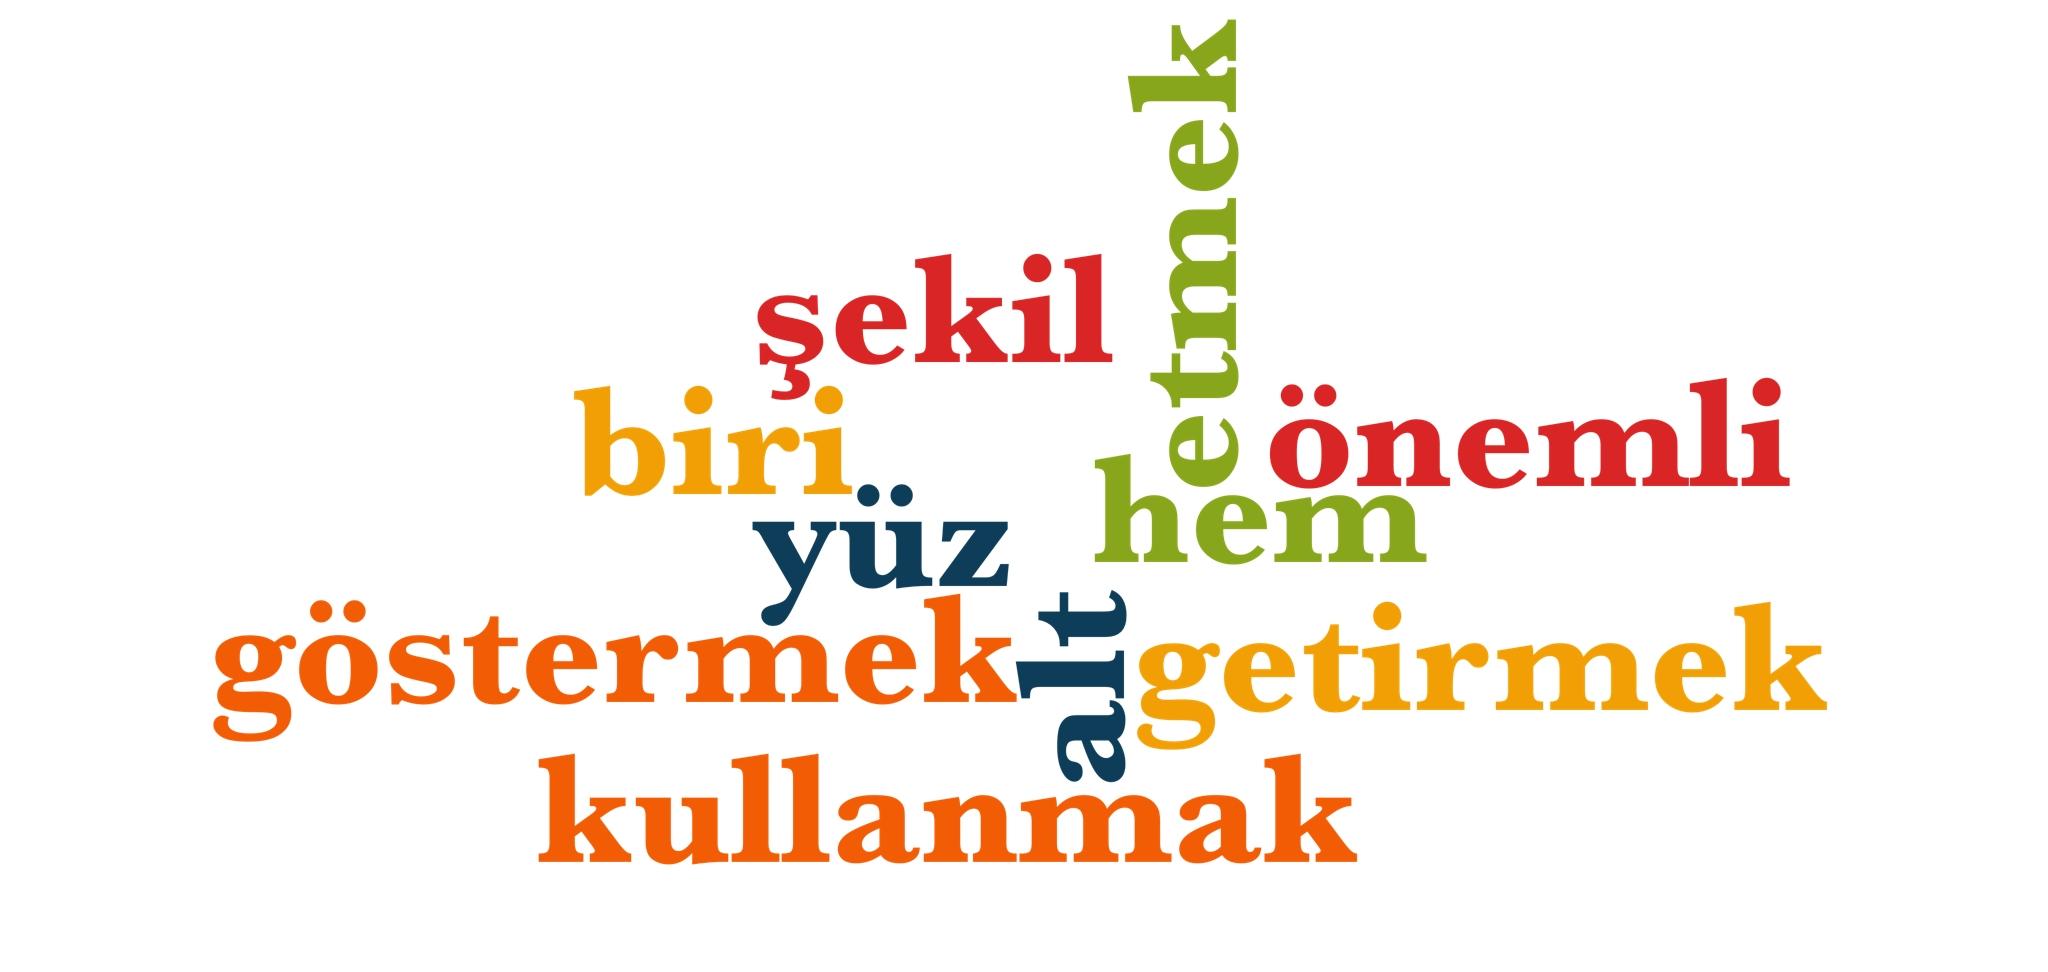 Wörter 101 bis 110 der 1000 häufigsten Wörter der türkischen Sprache